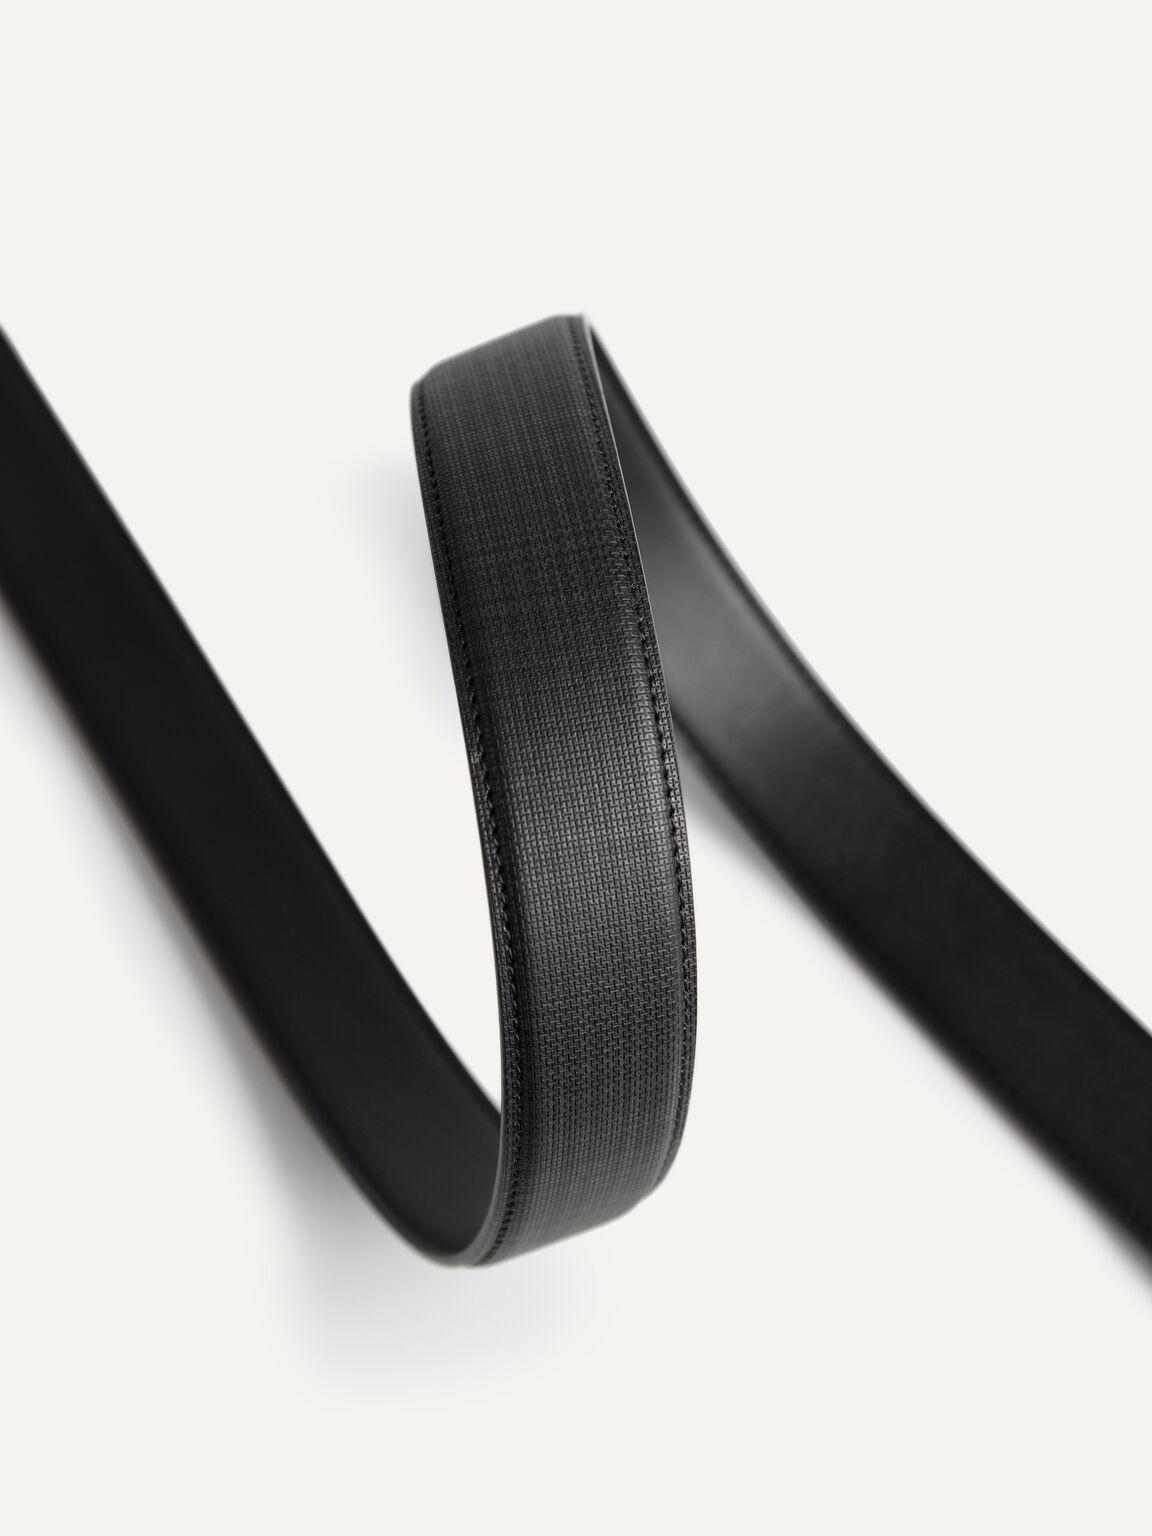 織紋皮革自動扣皮帶, 黑色, hi-res